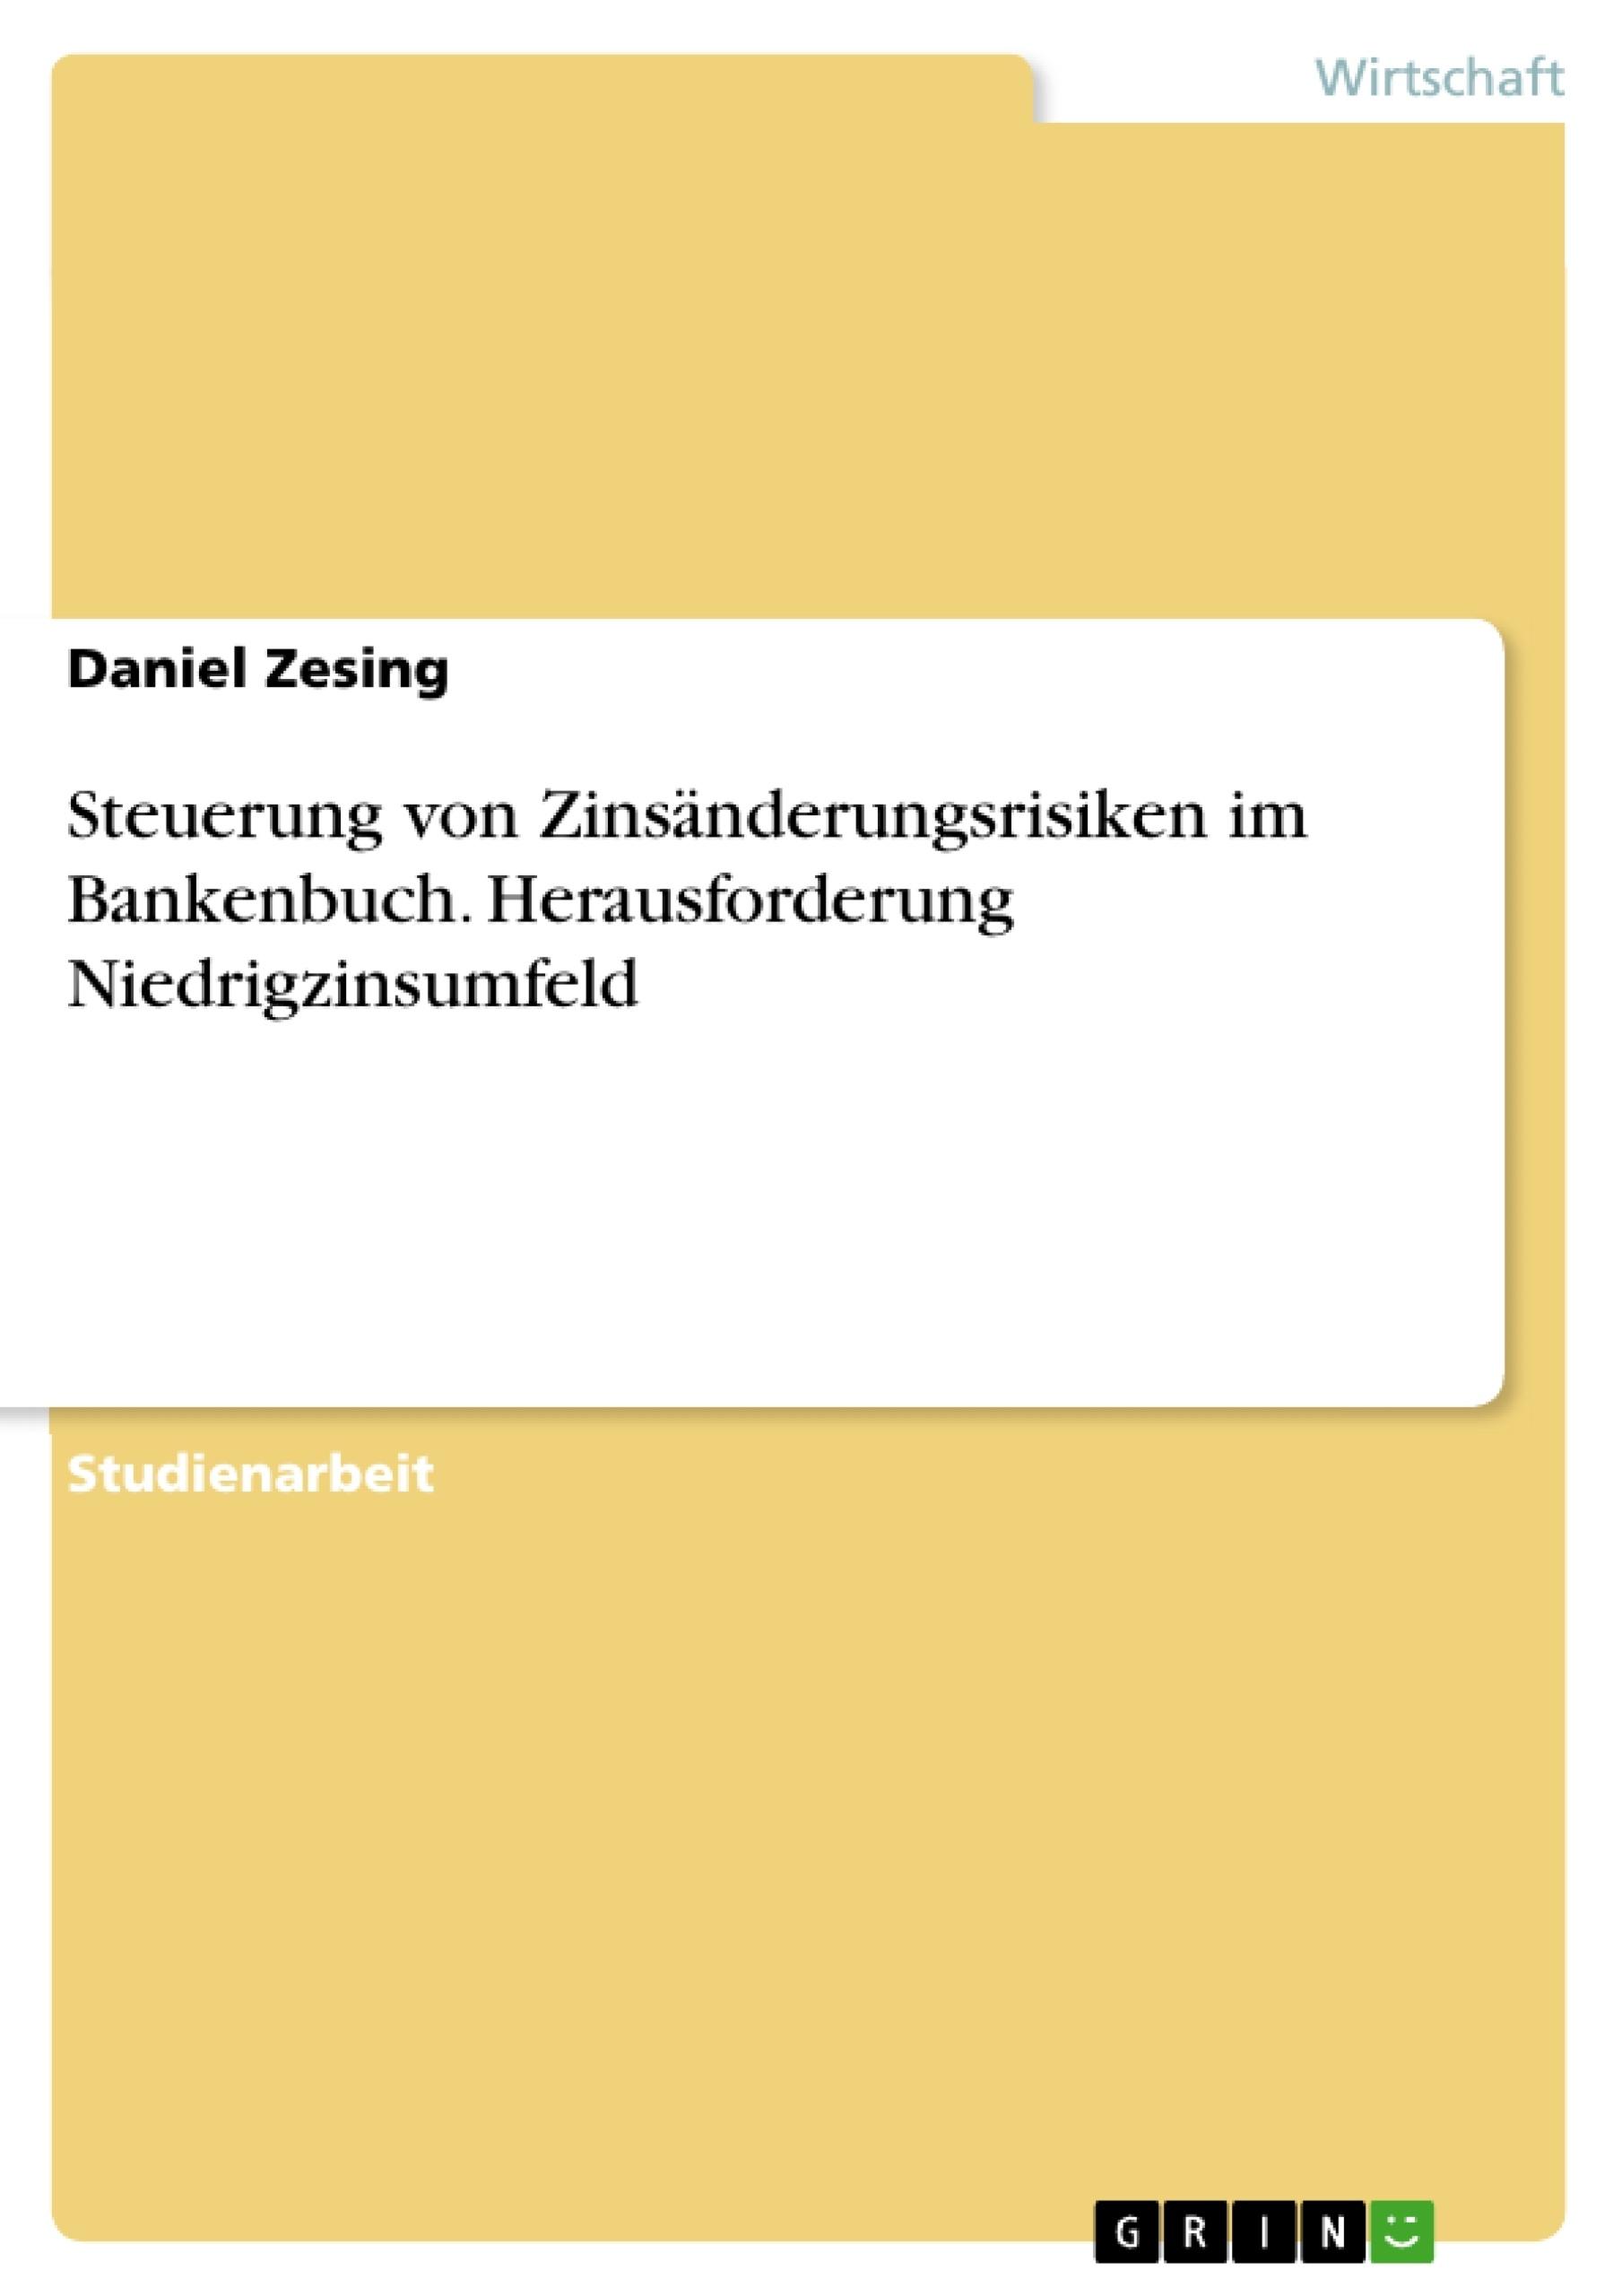 Titel: Steuerung von Zinsänderungsrisiken im Bankenbuch. Herausforderung Niedrigzinsumfeld